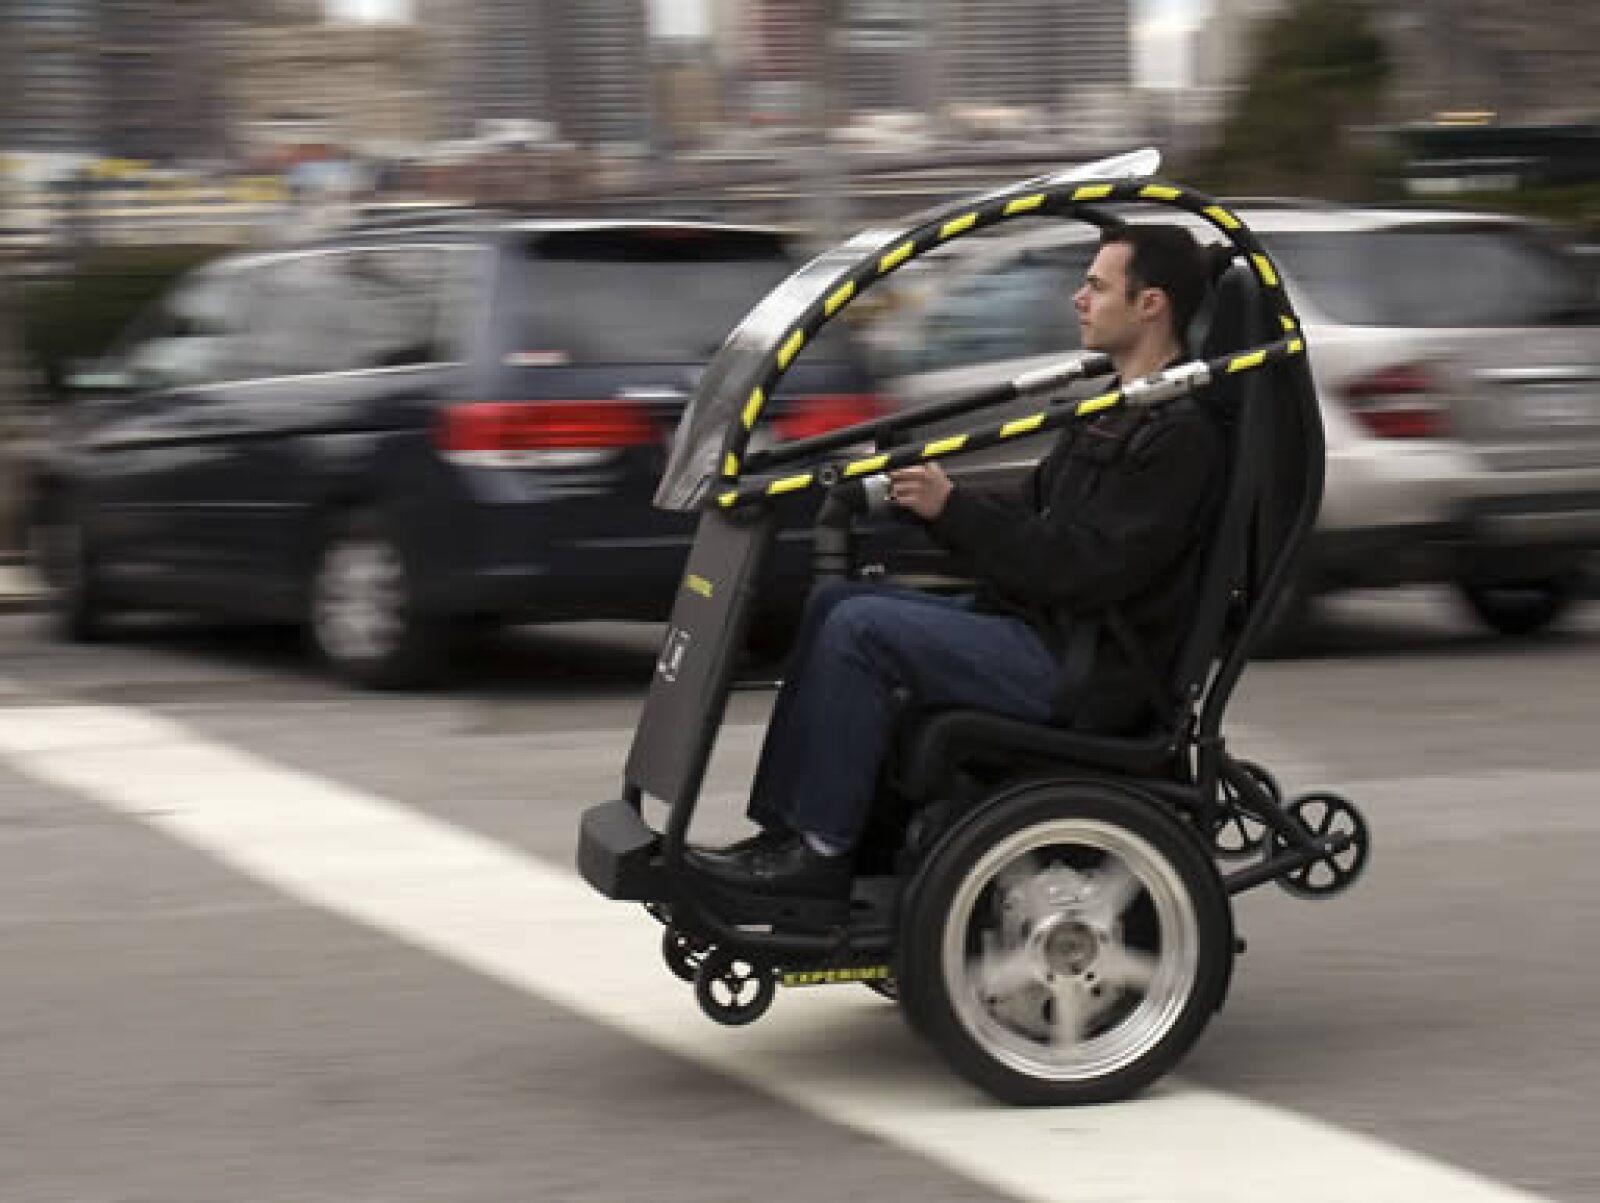 Las empresas estiman que el costo de operación del PUMA se situaría entre un tercio y una cuarta parte de lo que cuesta un vehículo convencional.